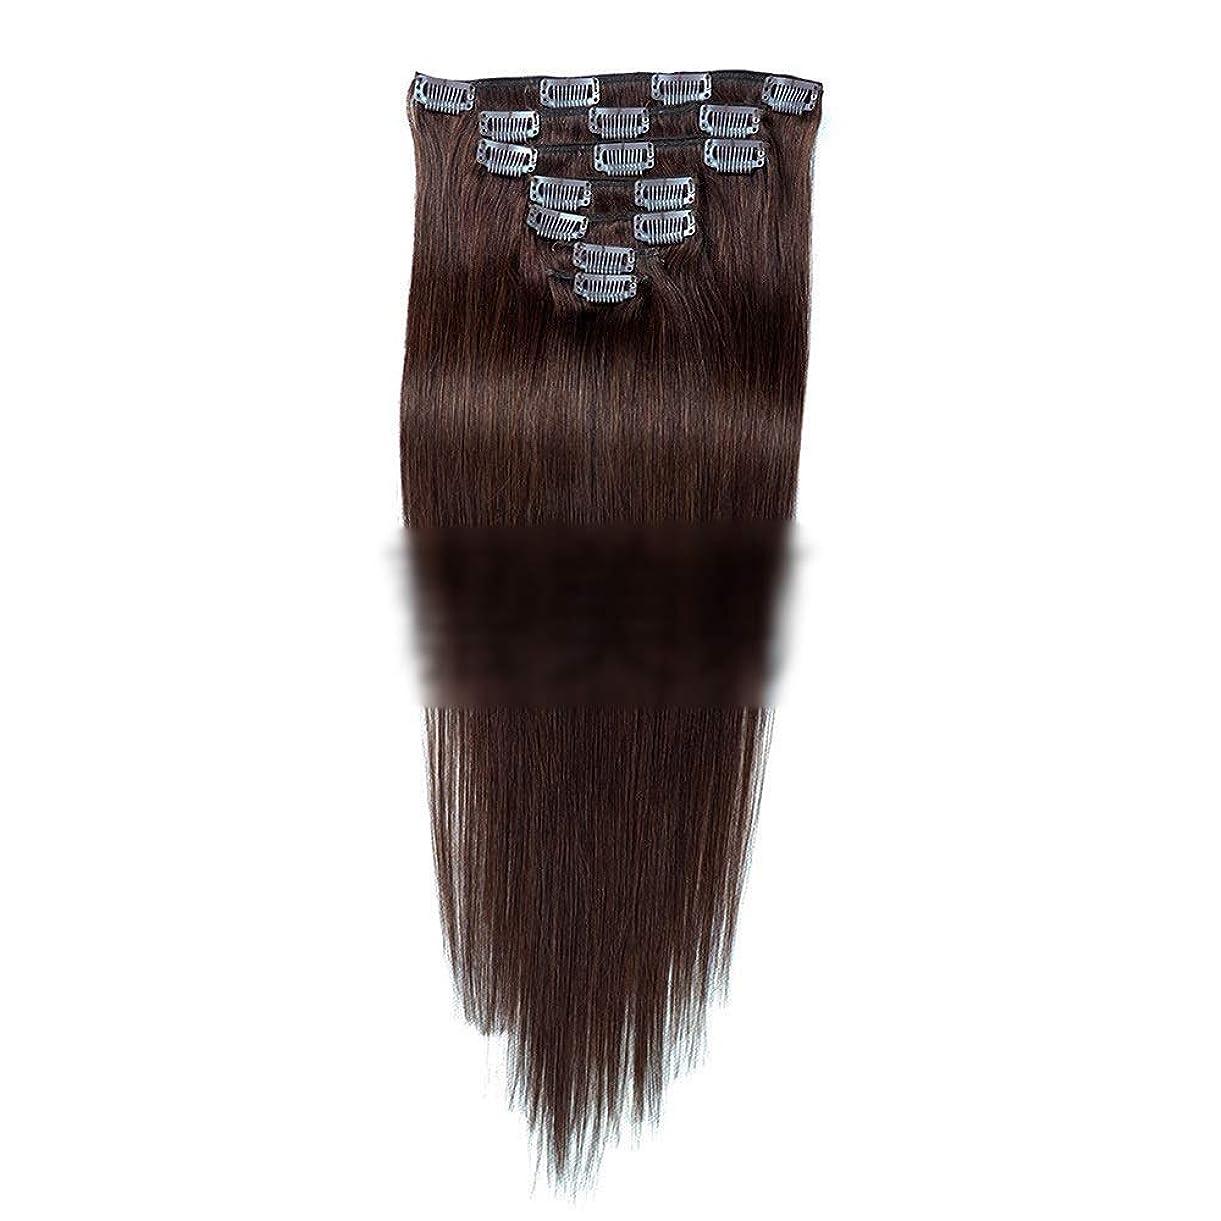 量ショップ複製するHOHYLLYA ヘアエクステンション人毛18インチダークブラウン#2色7個70gダブル横糸ストレートフルヘッド用女性ファッションかつらロングストレートヘアウィッグ (色 : #2 dark brown)